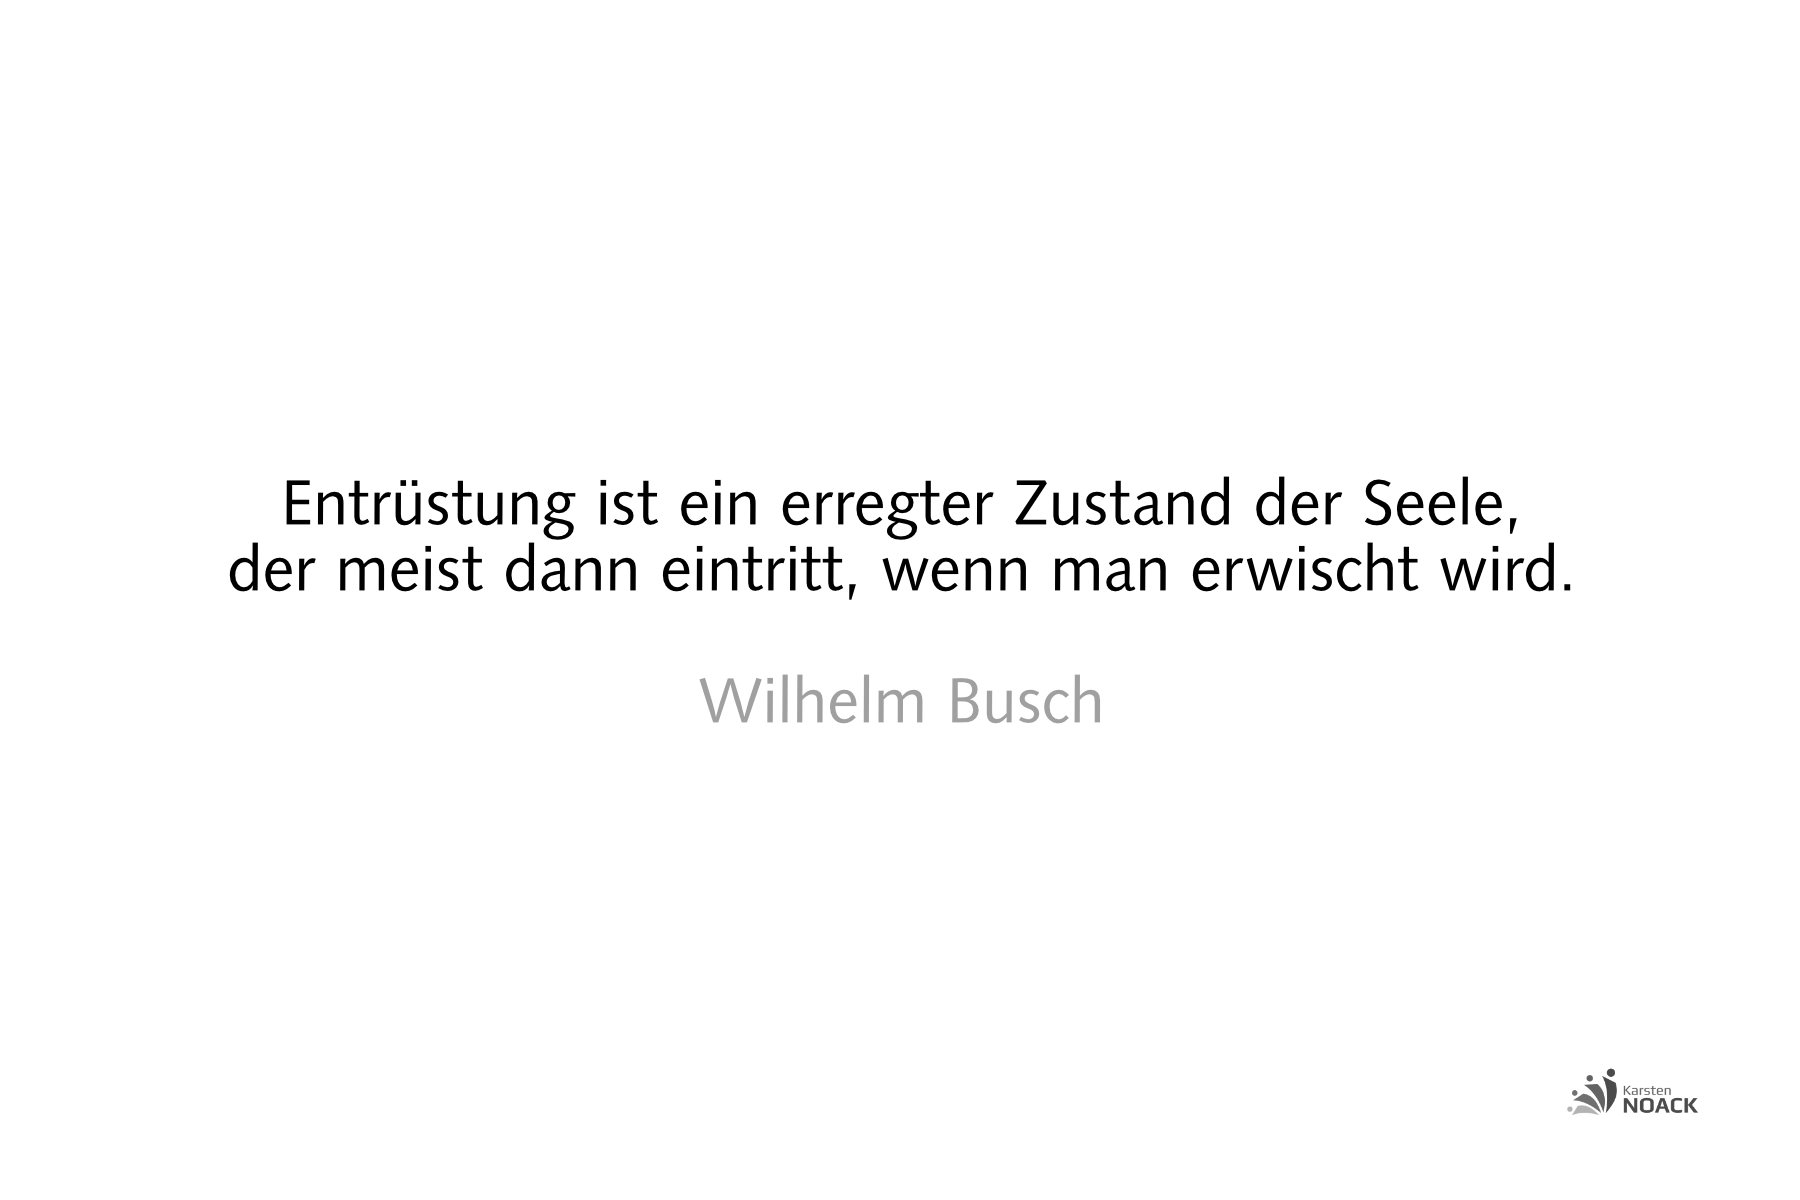 Entrüstung ist ein erregter Zustand der Seele, der meist dann eintritt, wenn man erwischt wird. Wilhelm Busch